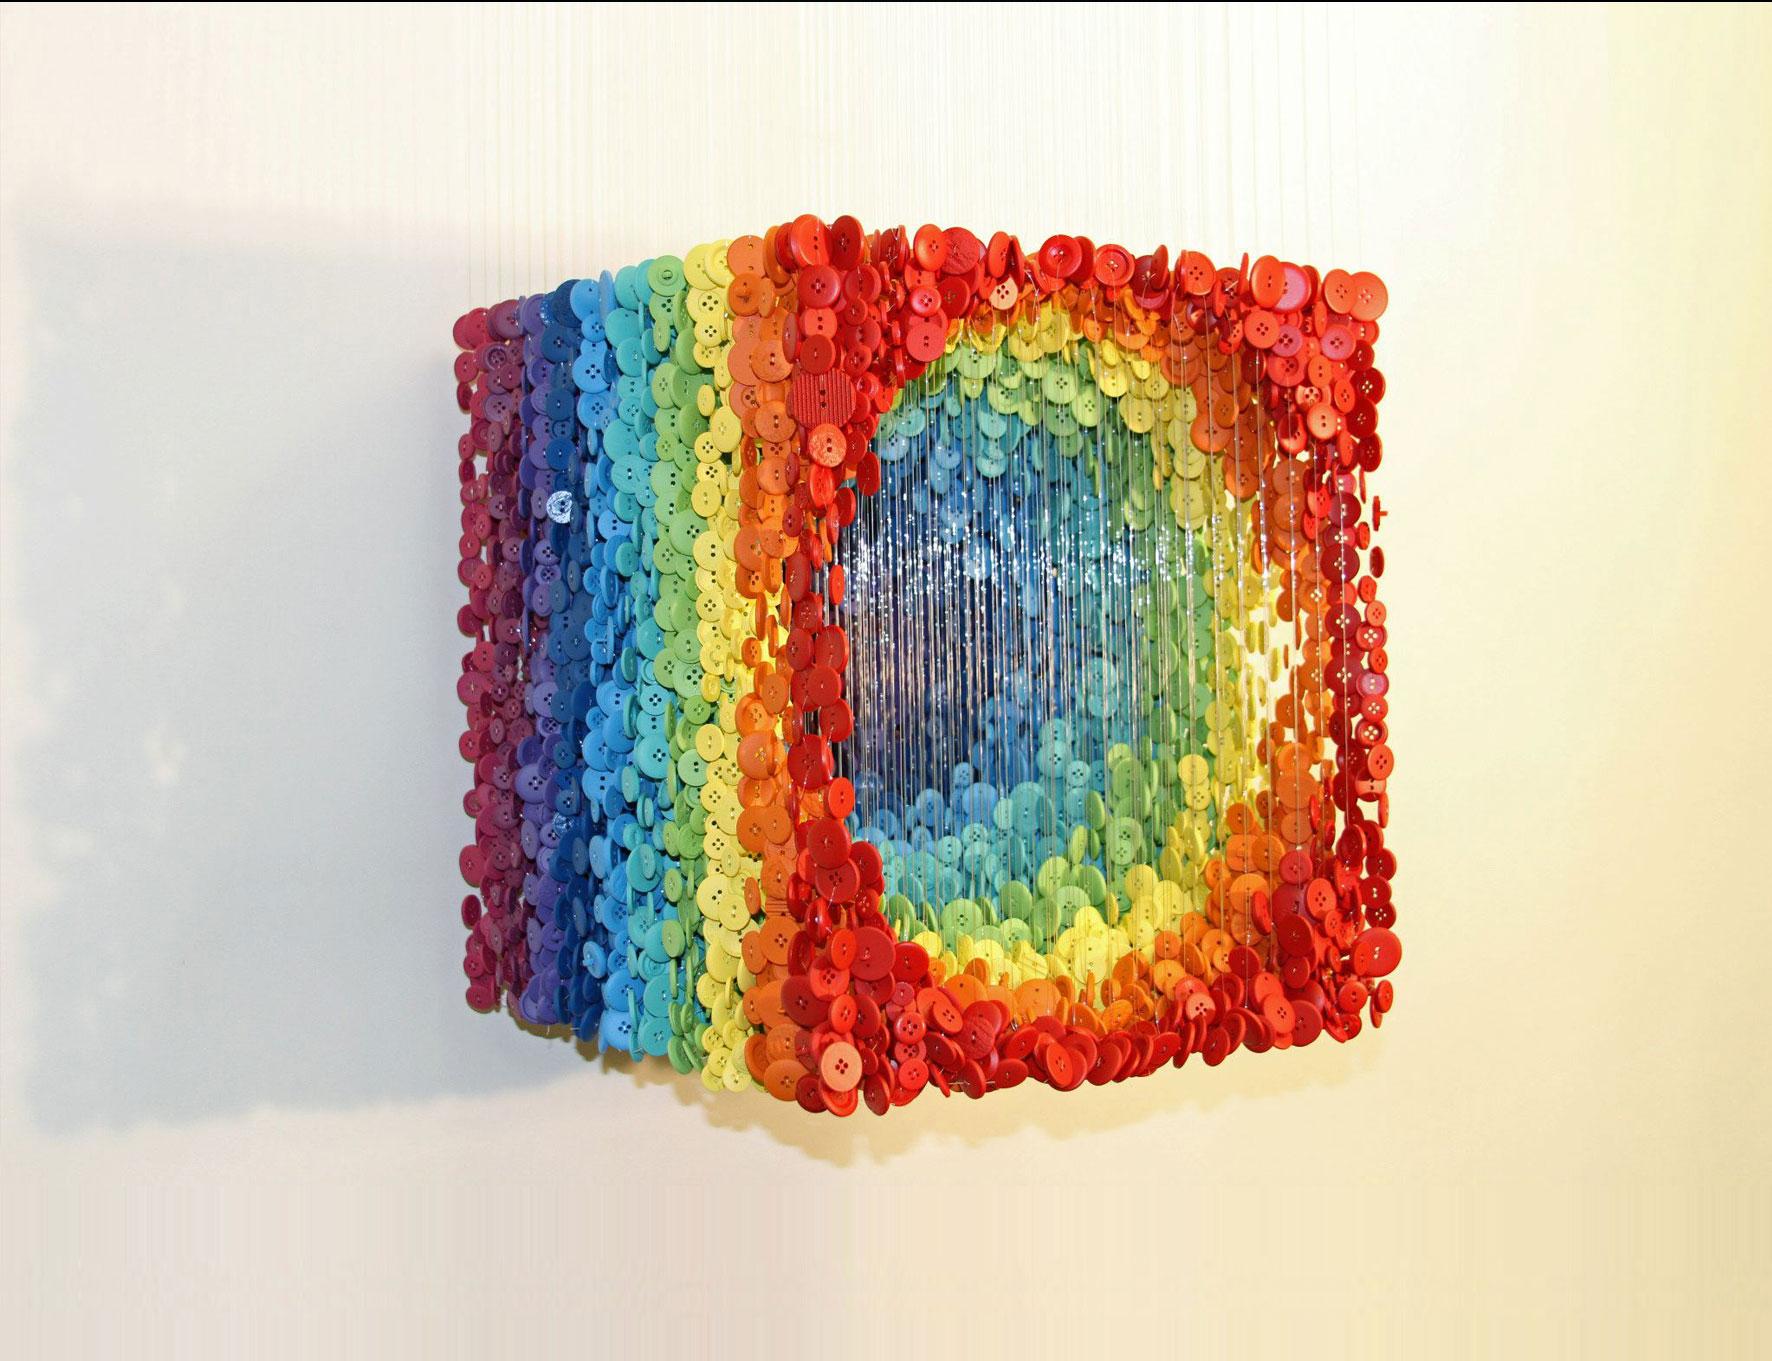 rainbow-cube.jpg